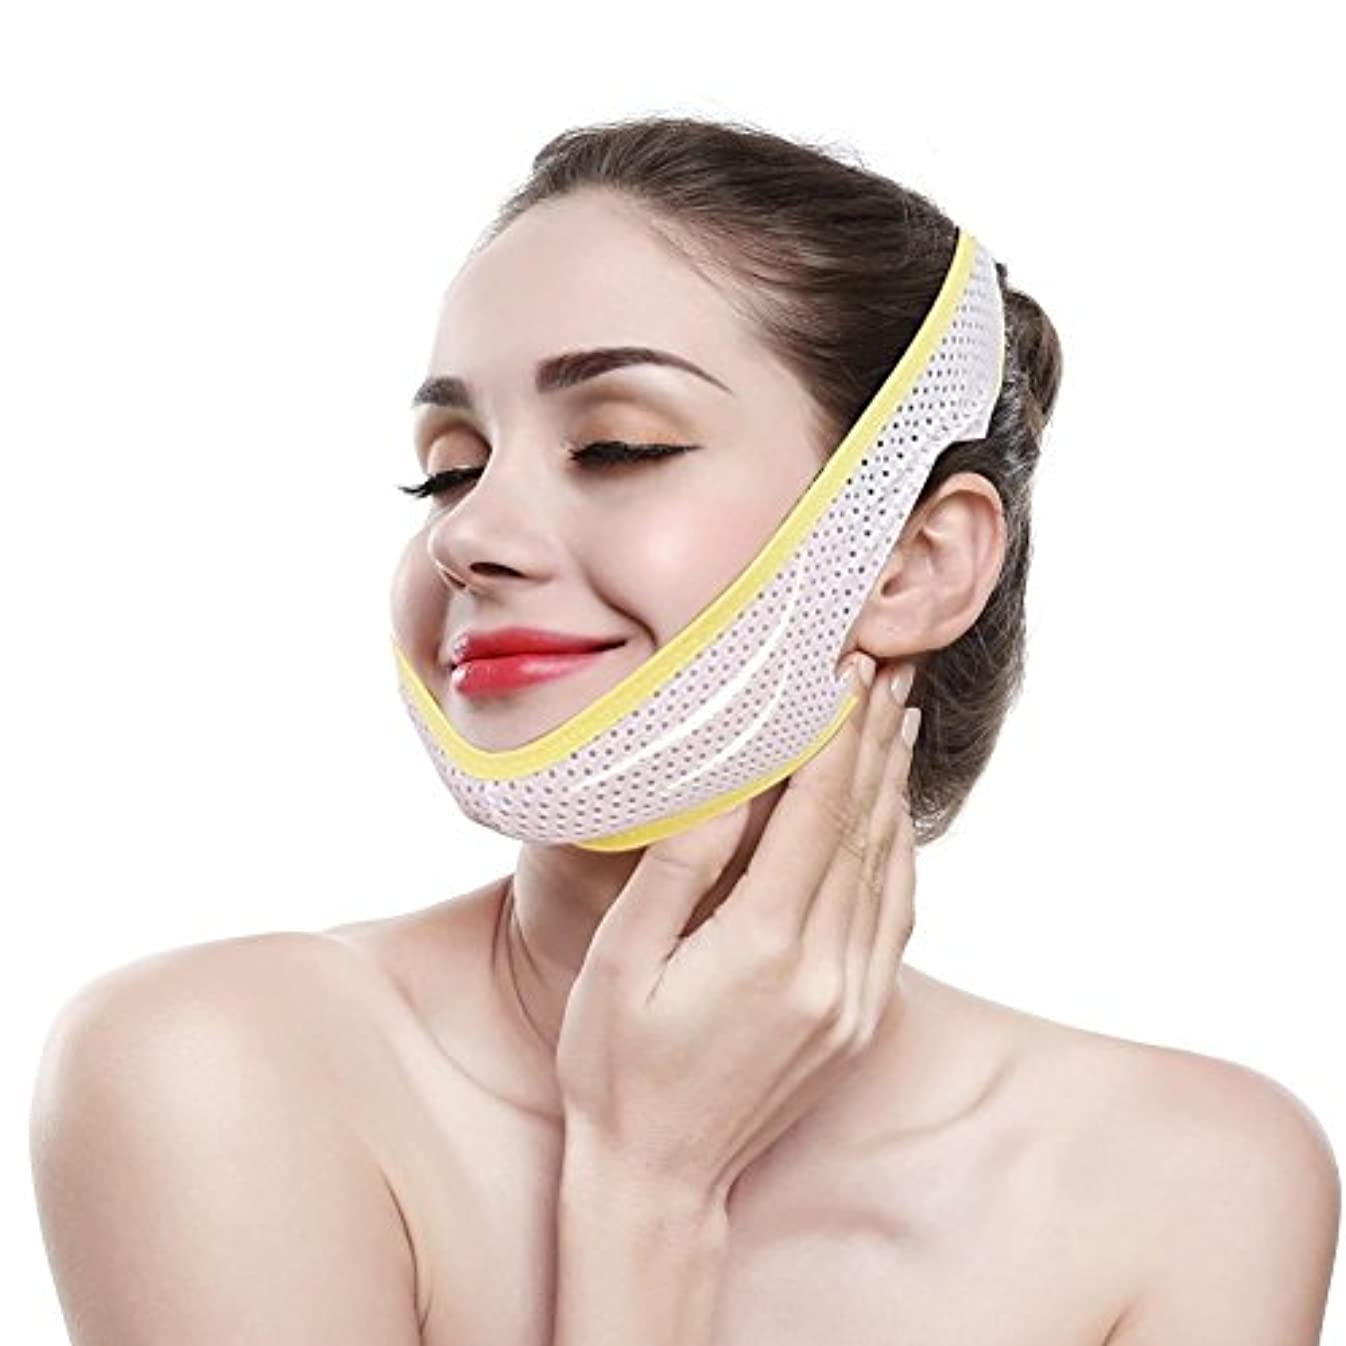 思い出す地下許す顎リフト フェイススリミング包帯 フェイスベルト 顔の包帯スリミングダブルチンVラインとフェイシャルケアファーミングスキン 女性の超薄型 フェイスマス クラインベルト スリミング製品マスク(L)